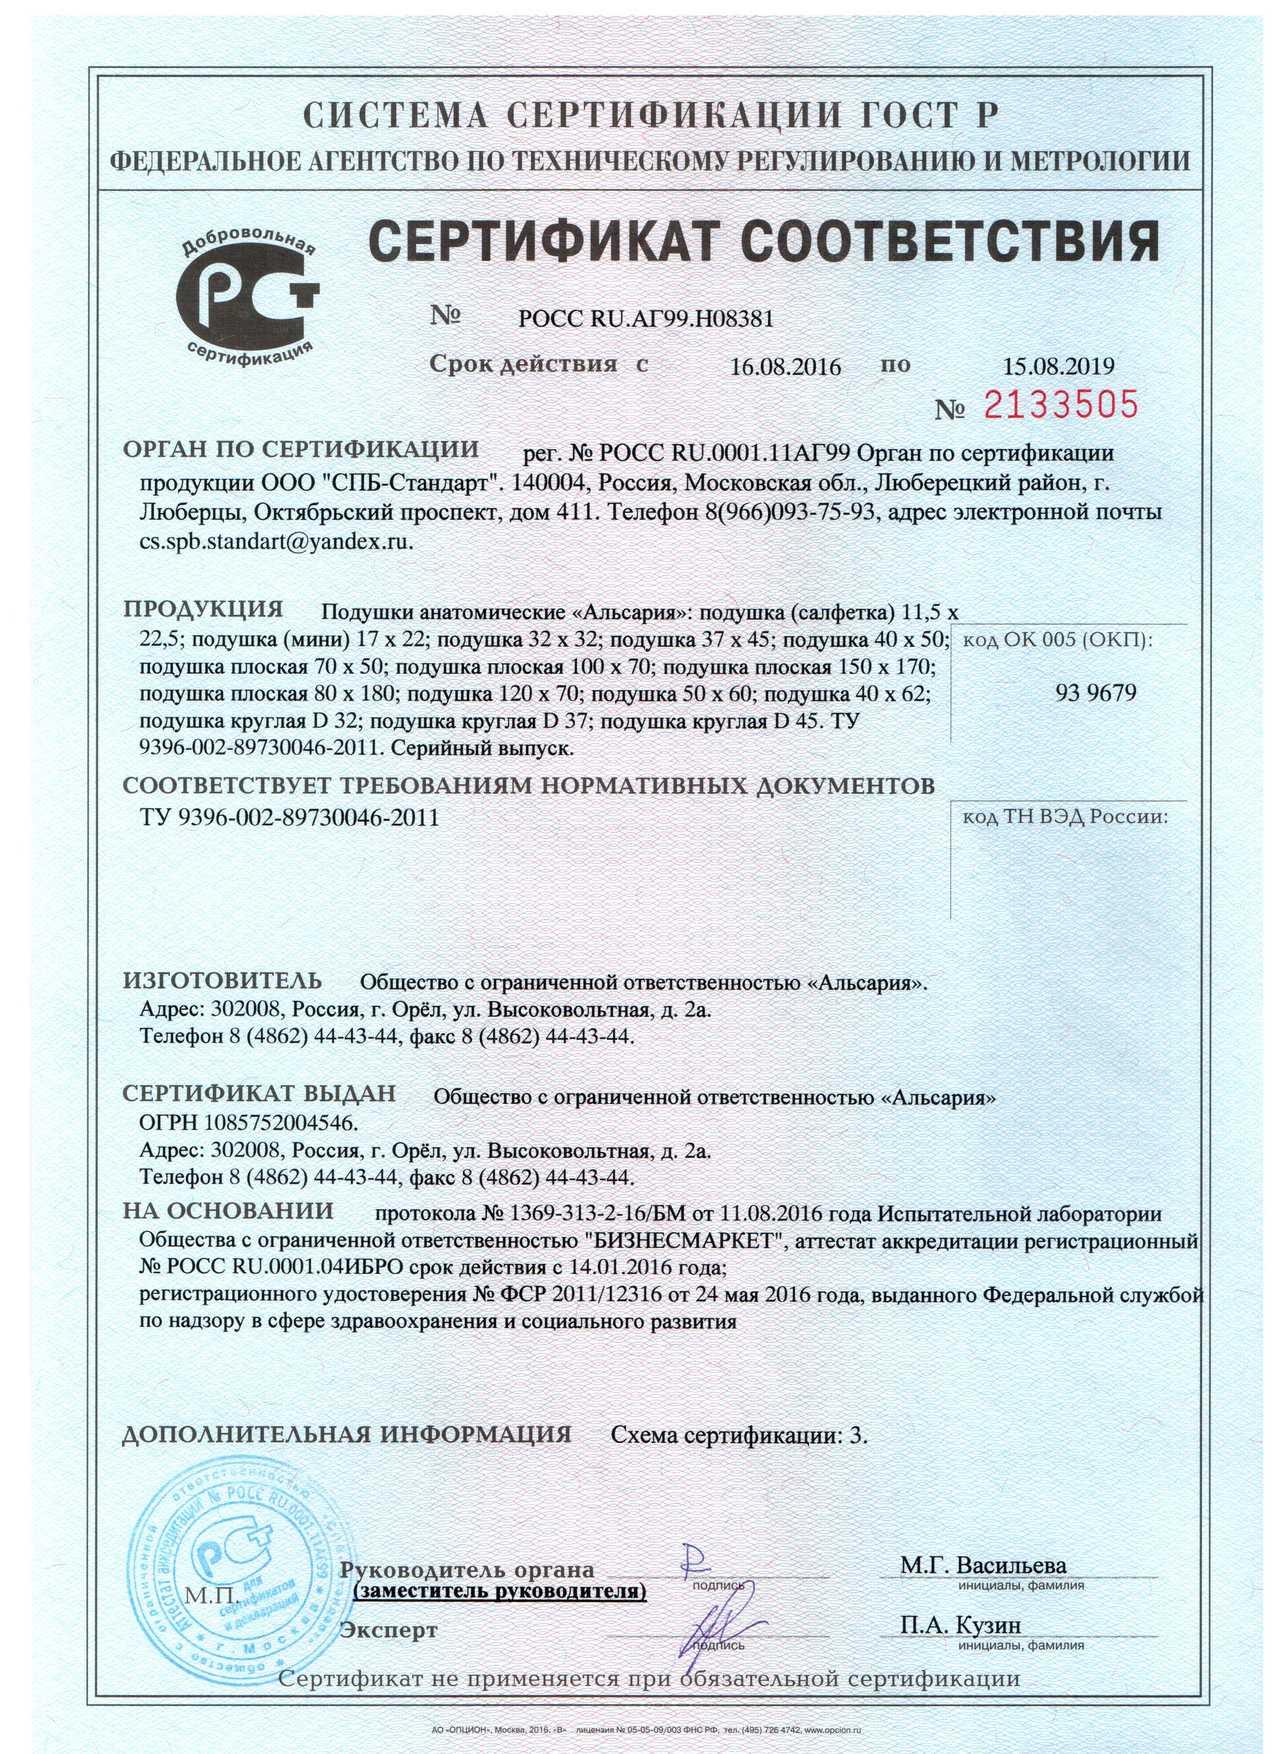 Сертификат соответствия № РОСС RU.АГ99.Н08381